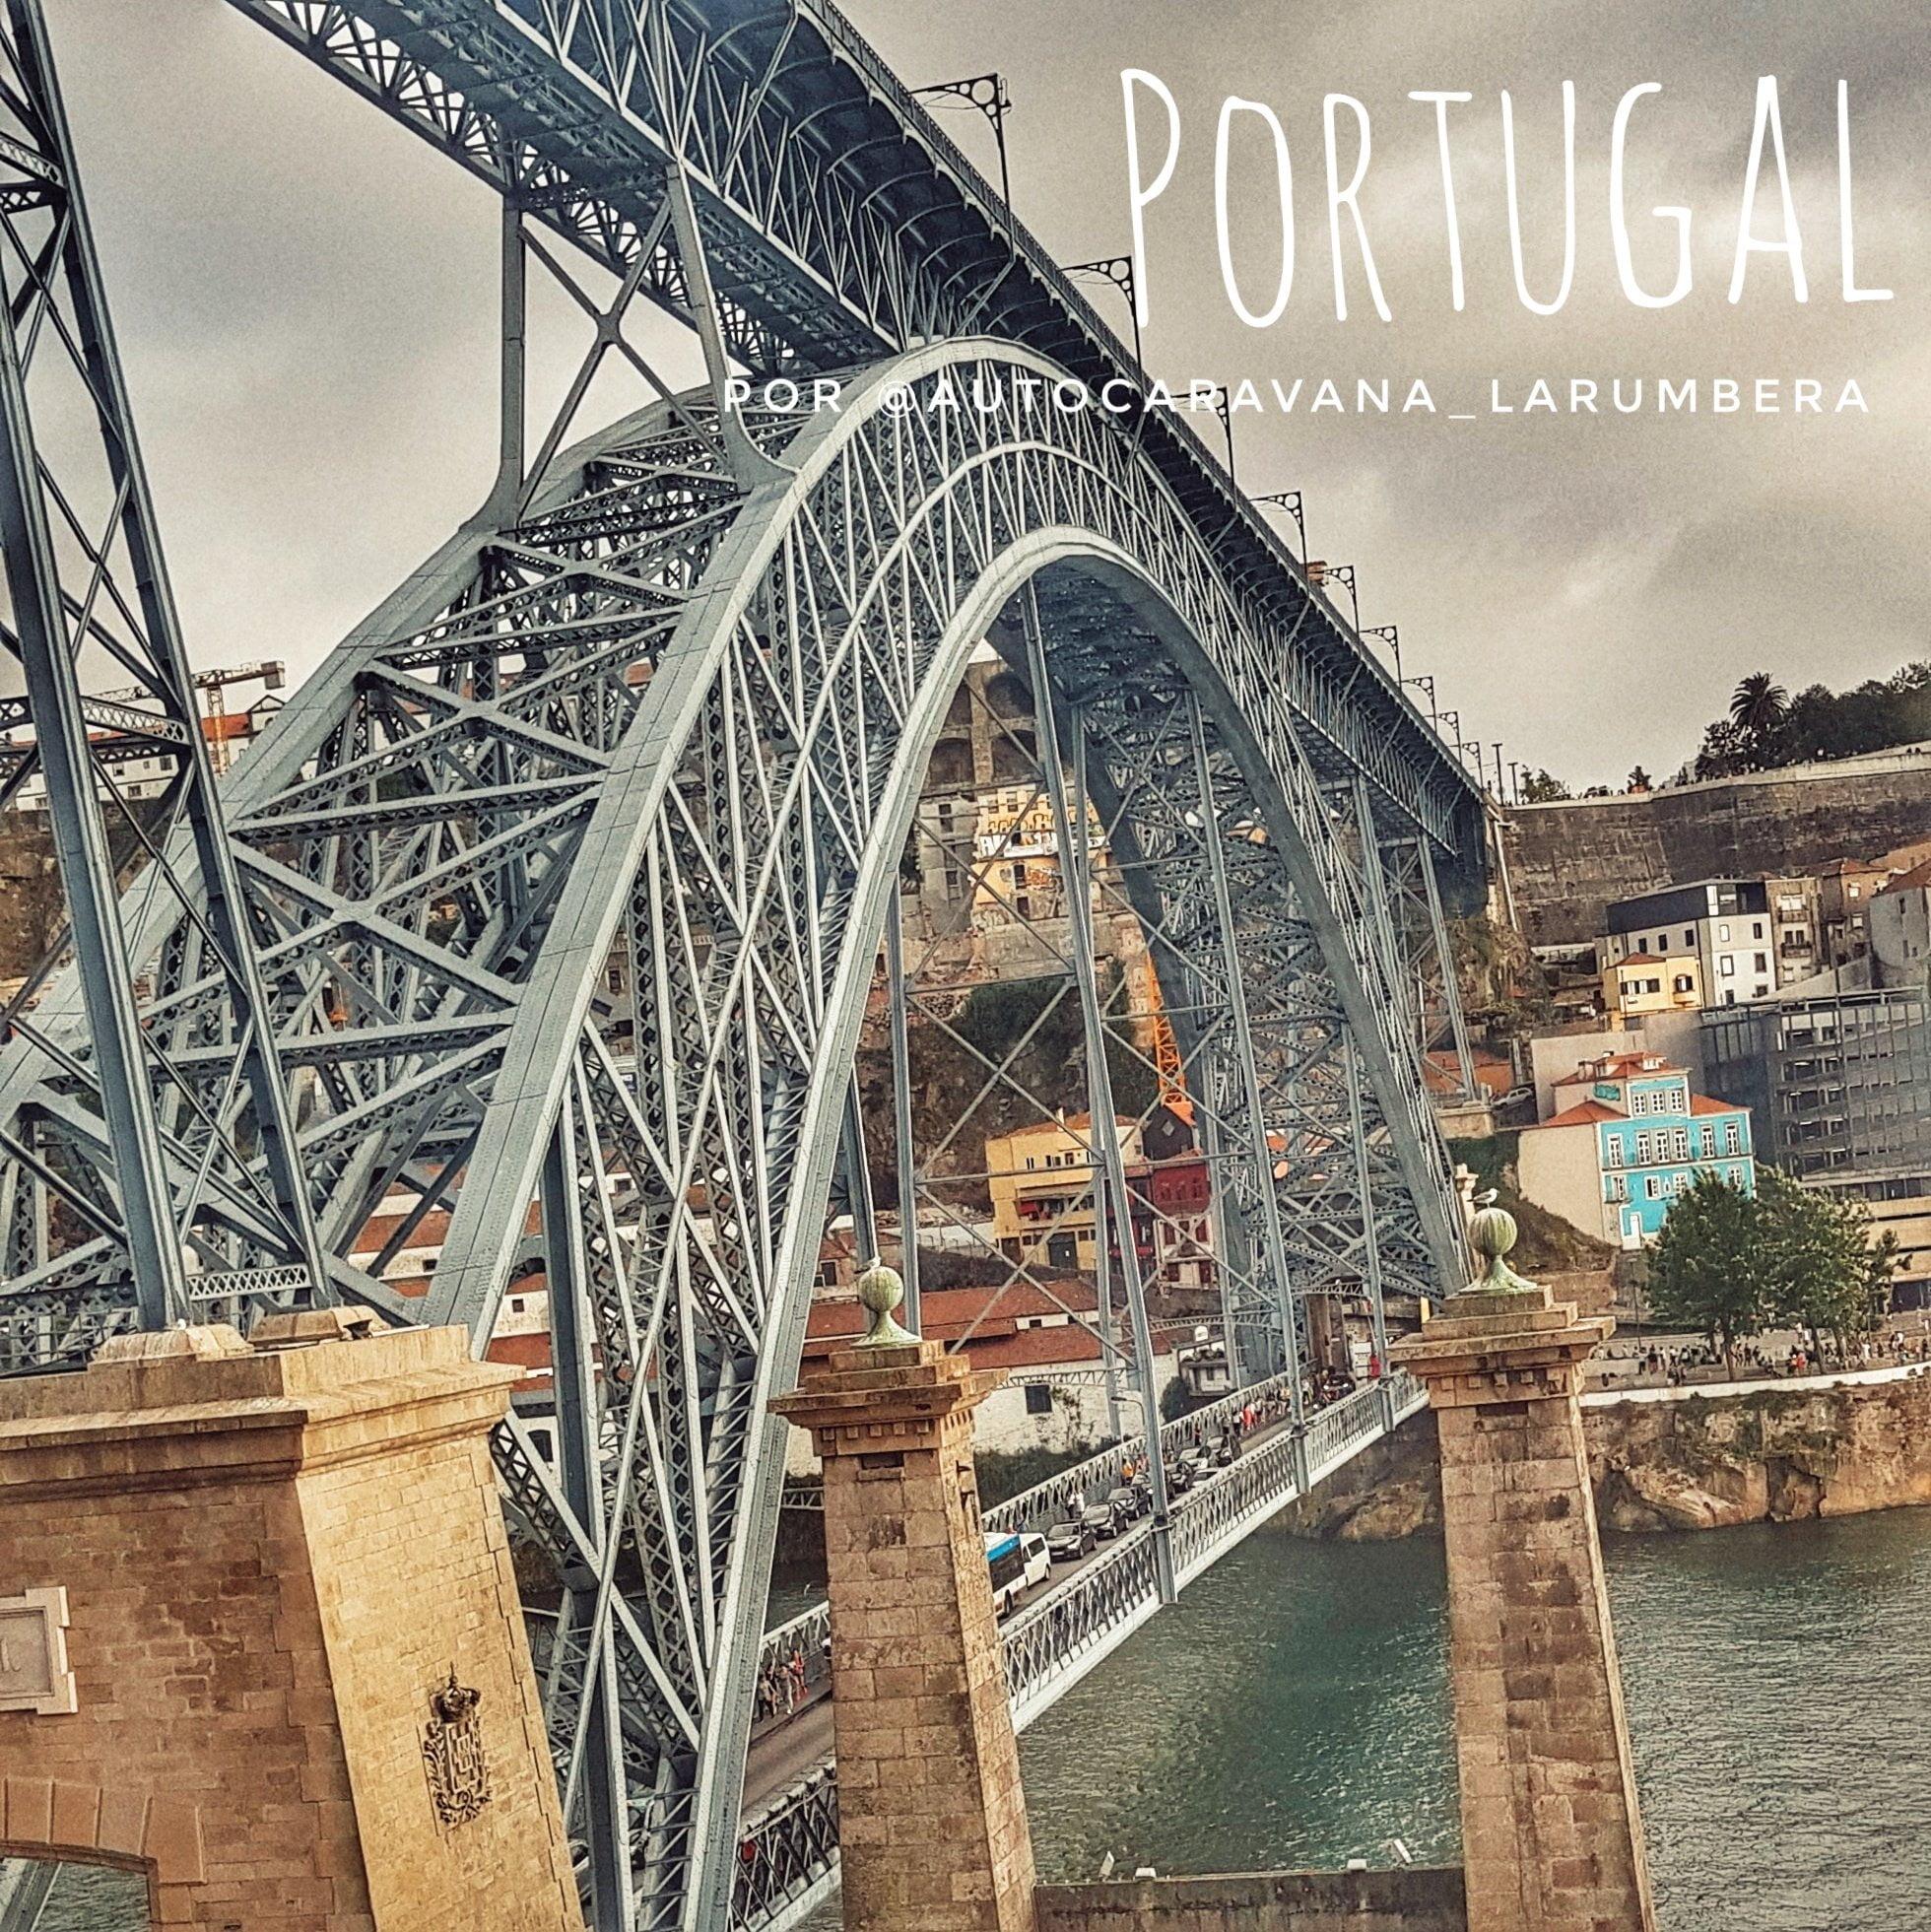 Una ruta por Portugal en autocaravana de sur a norte